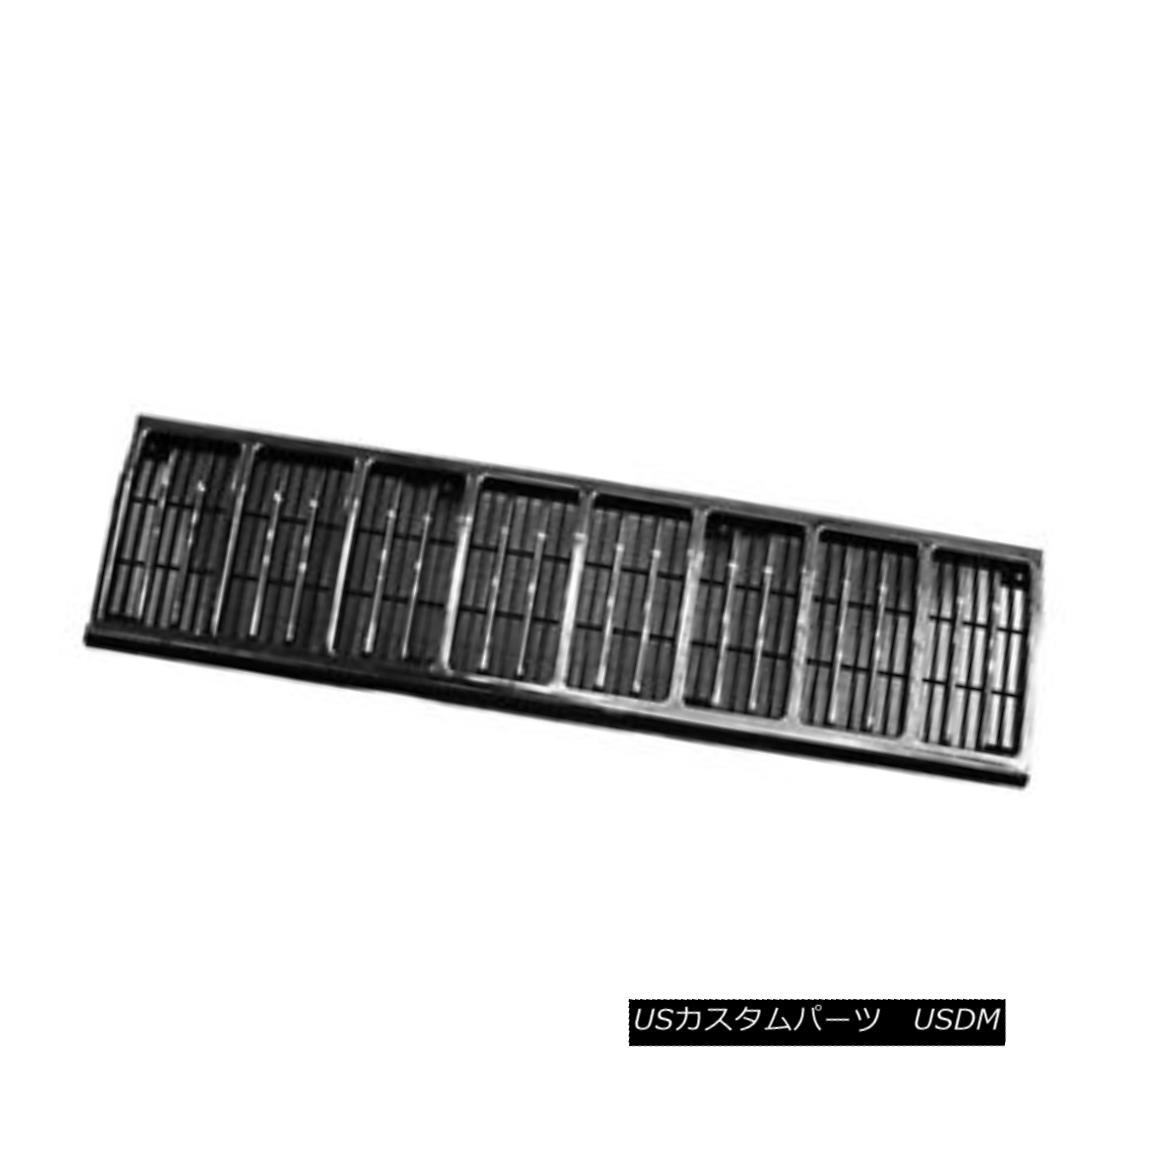 グリル New Replacement Grille Chrome & Black 104-00768C 新しい交換用グリルクローム& 黒104-00768C